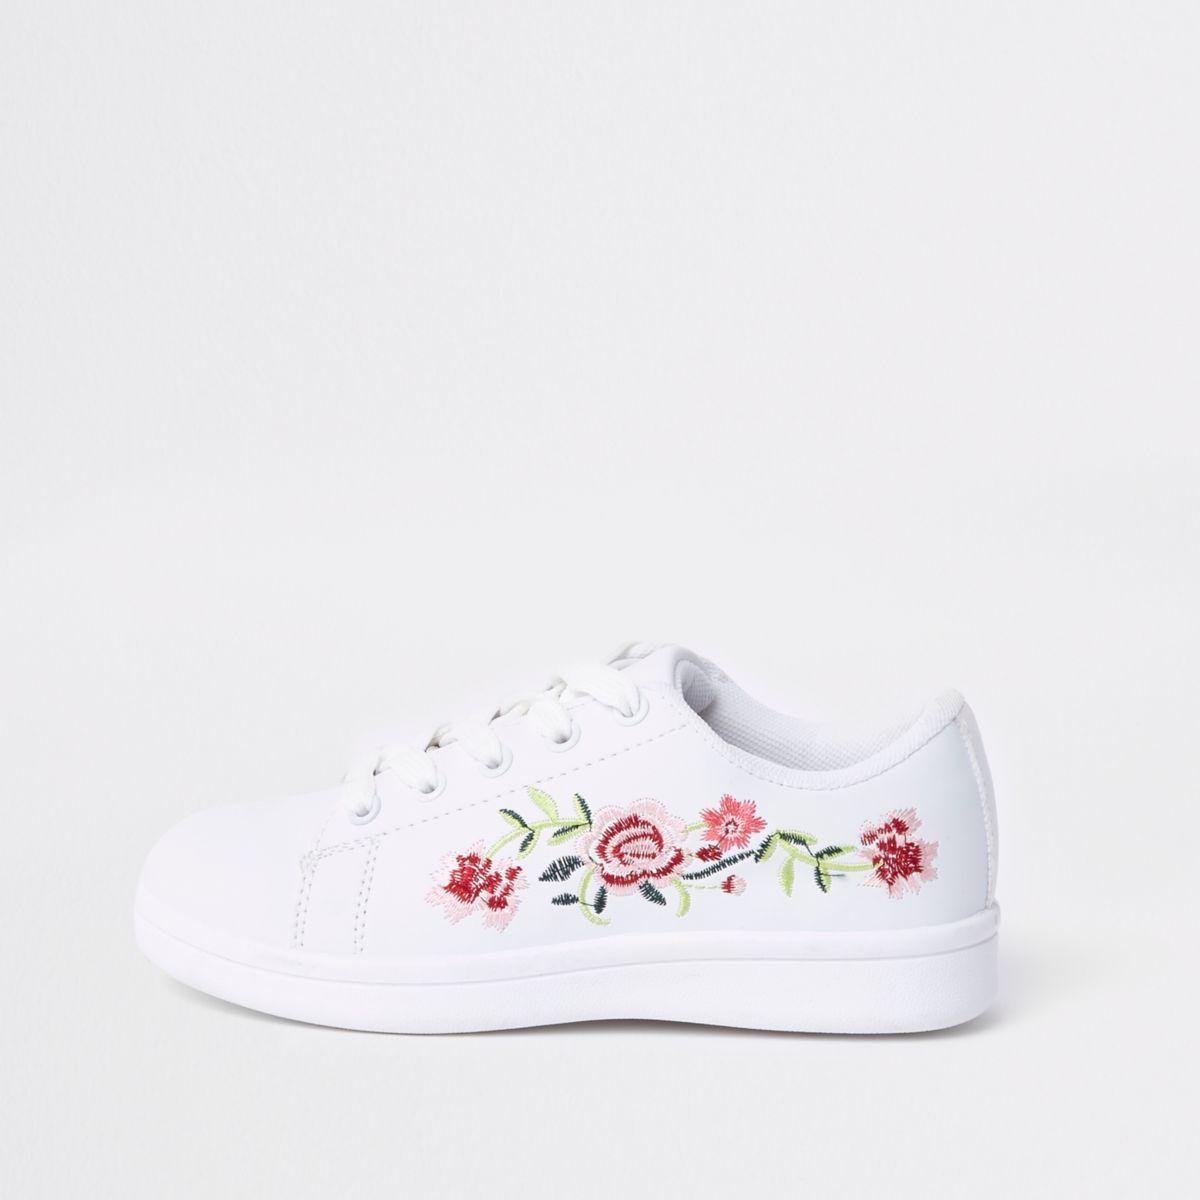 Weiße Plimsolls mit Blumenstickerei